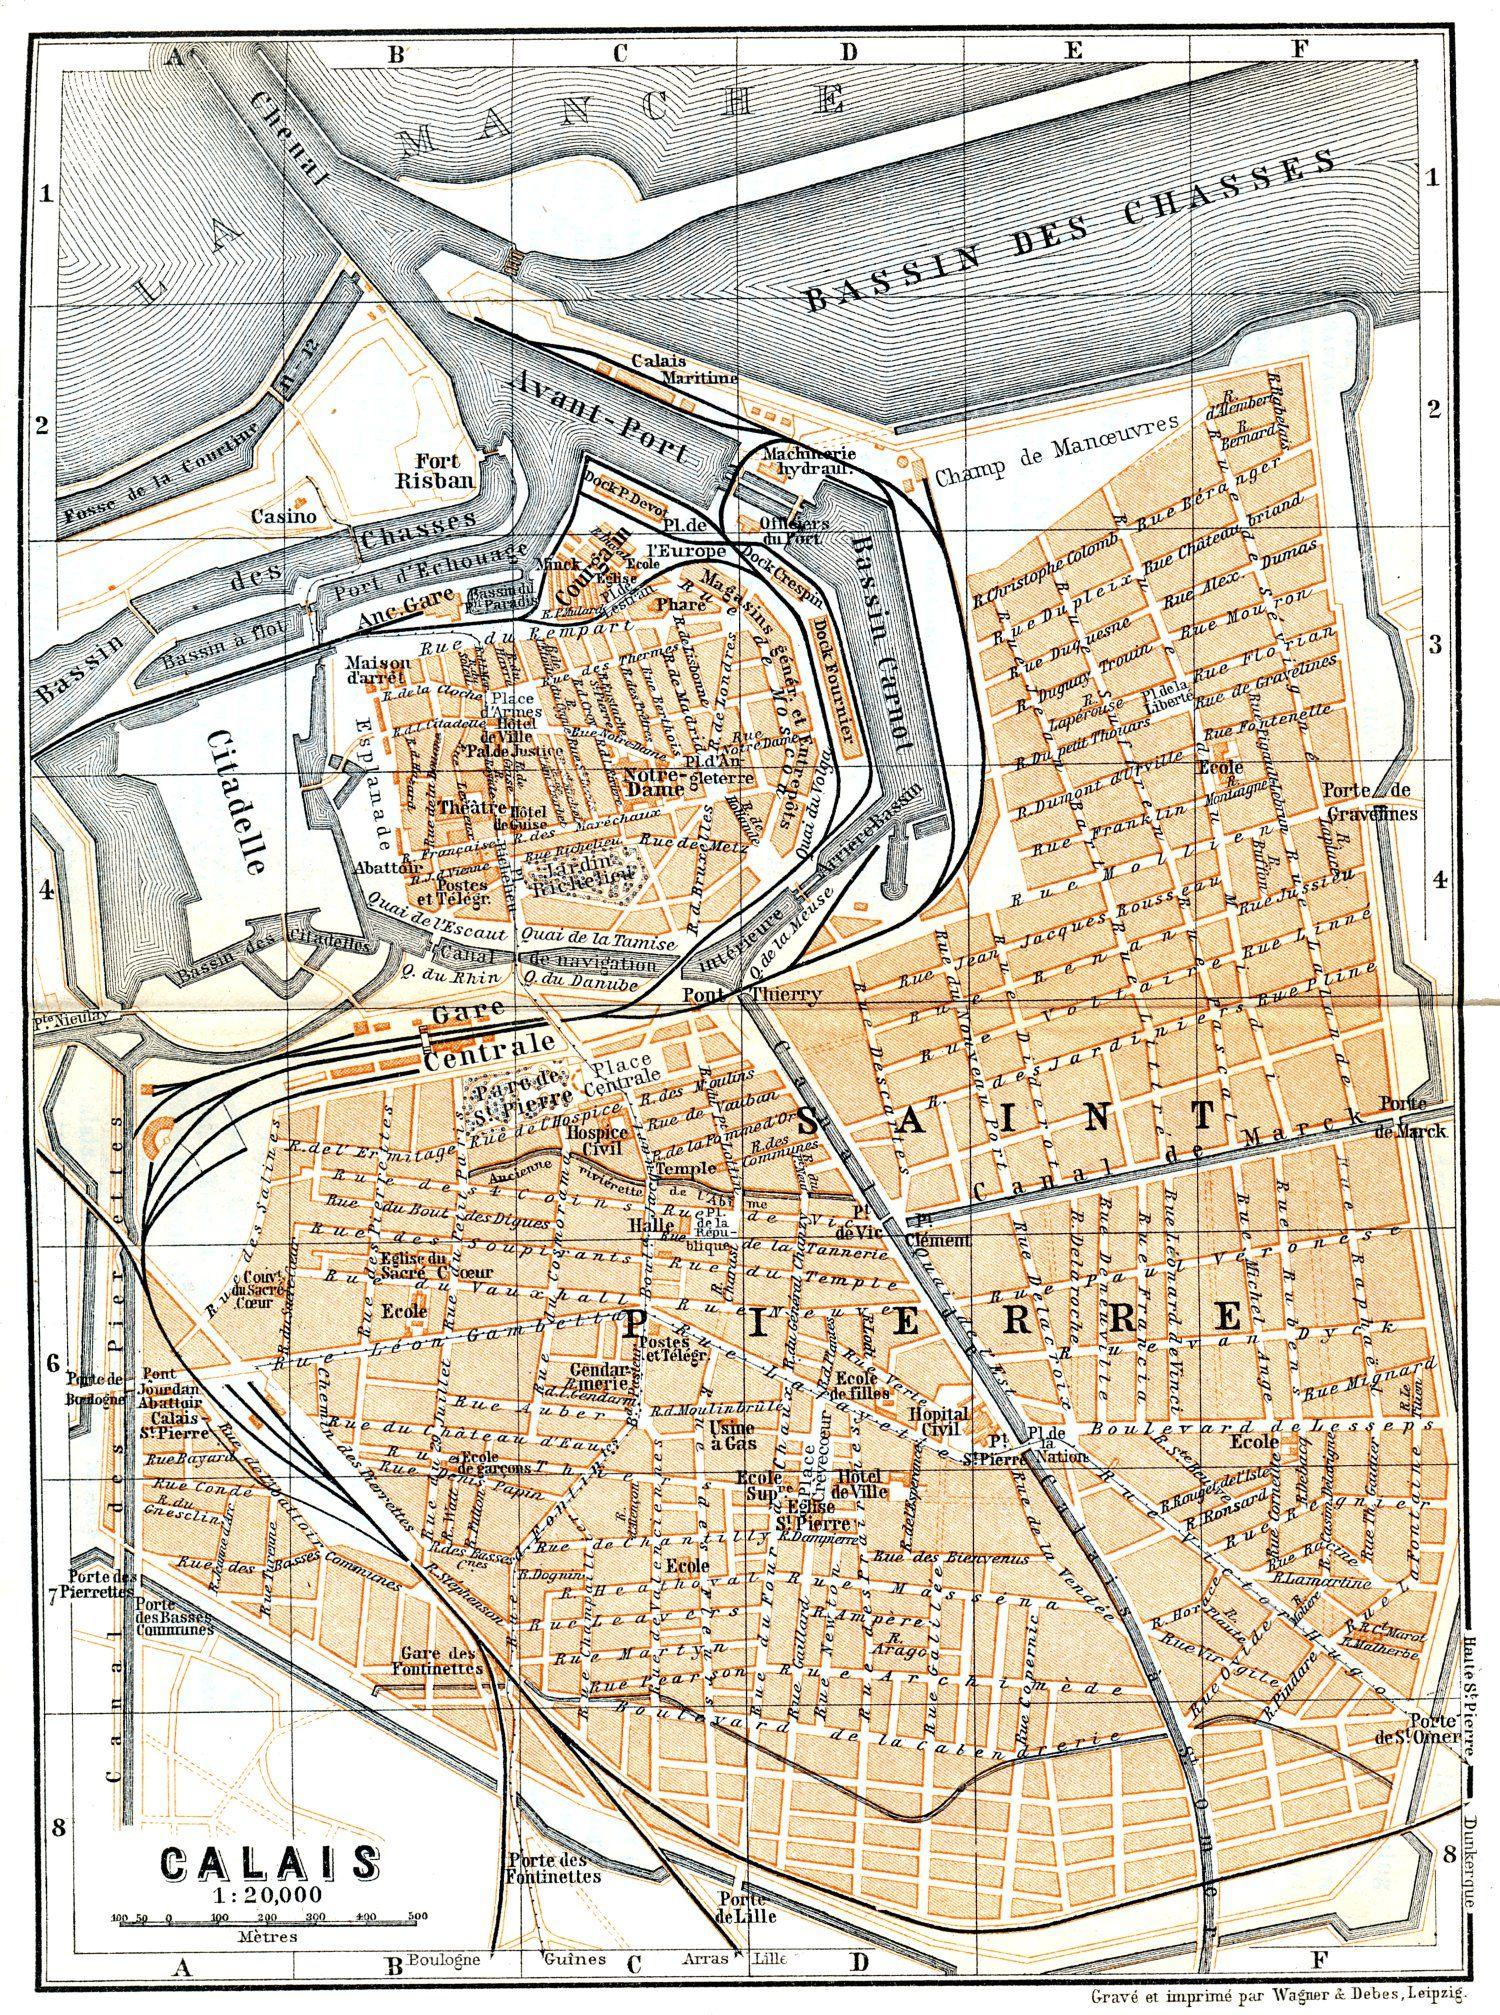 Calais, France - 1899 | Cartes anciennes, Carte et plan ...